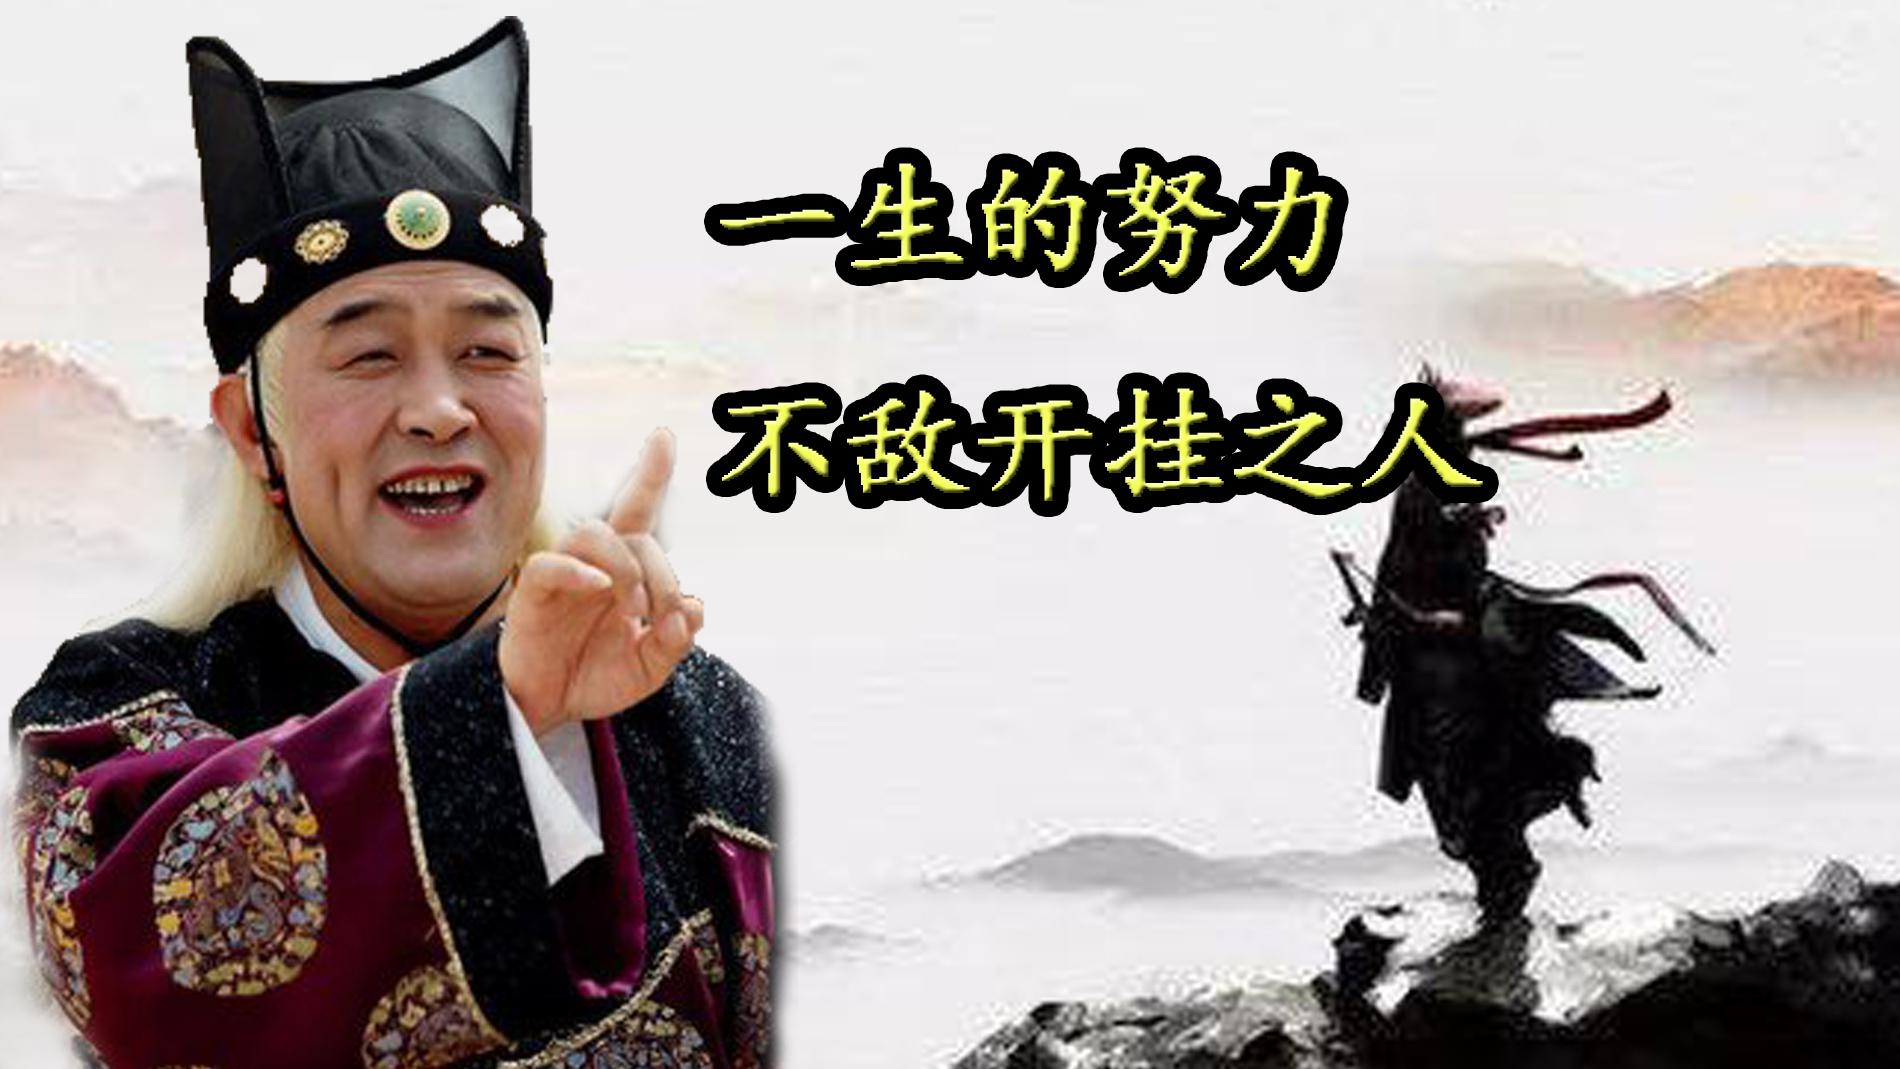 【武侠人物志】曹正淳,一生的努力保护皇帝,却不想竟是别人的棋子